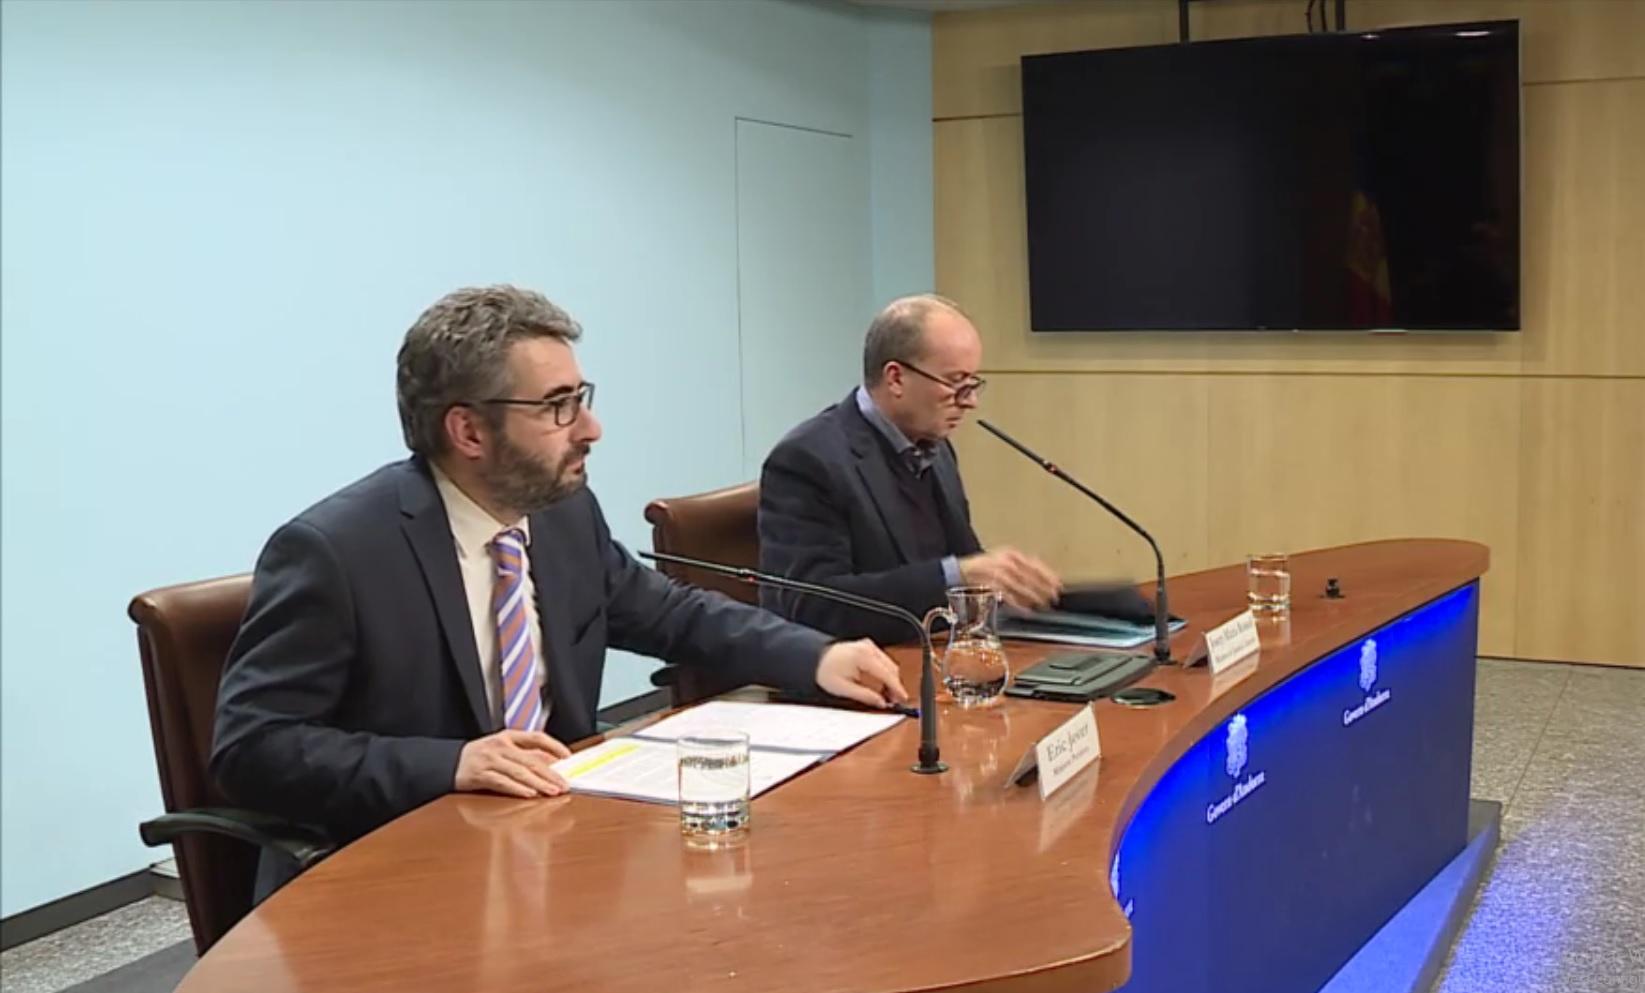 S'aprova la convocatòria per seleccionar un nou notari que podria començar a exercir el febrer del 2021